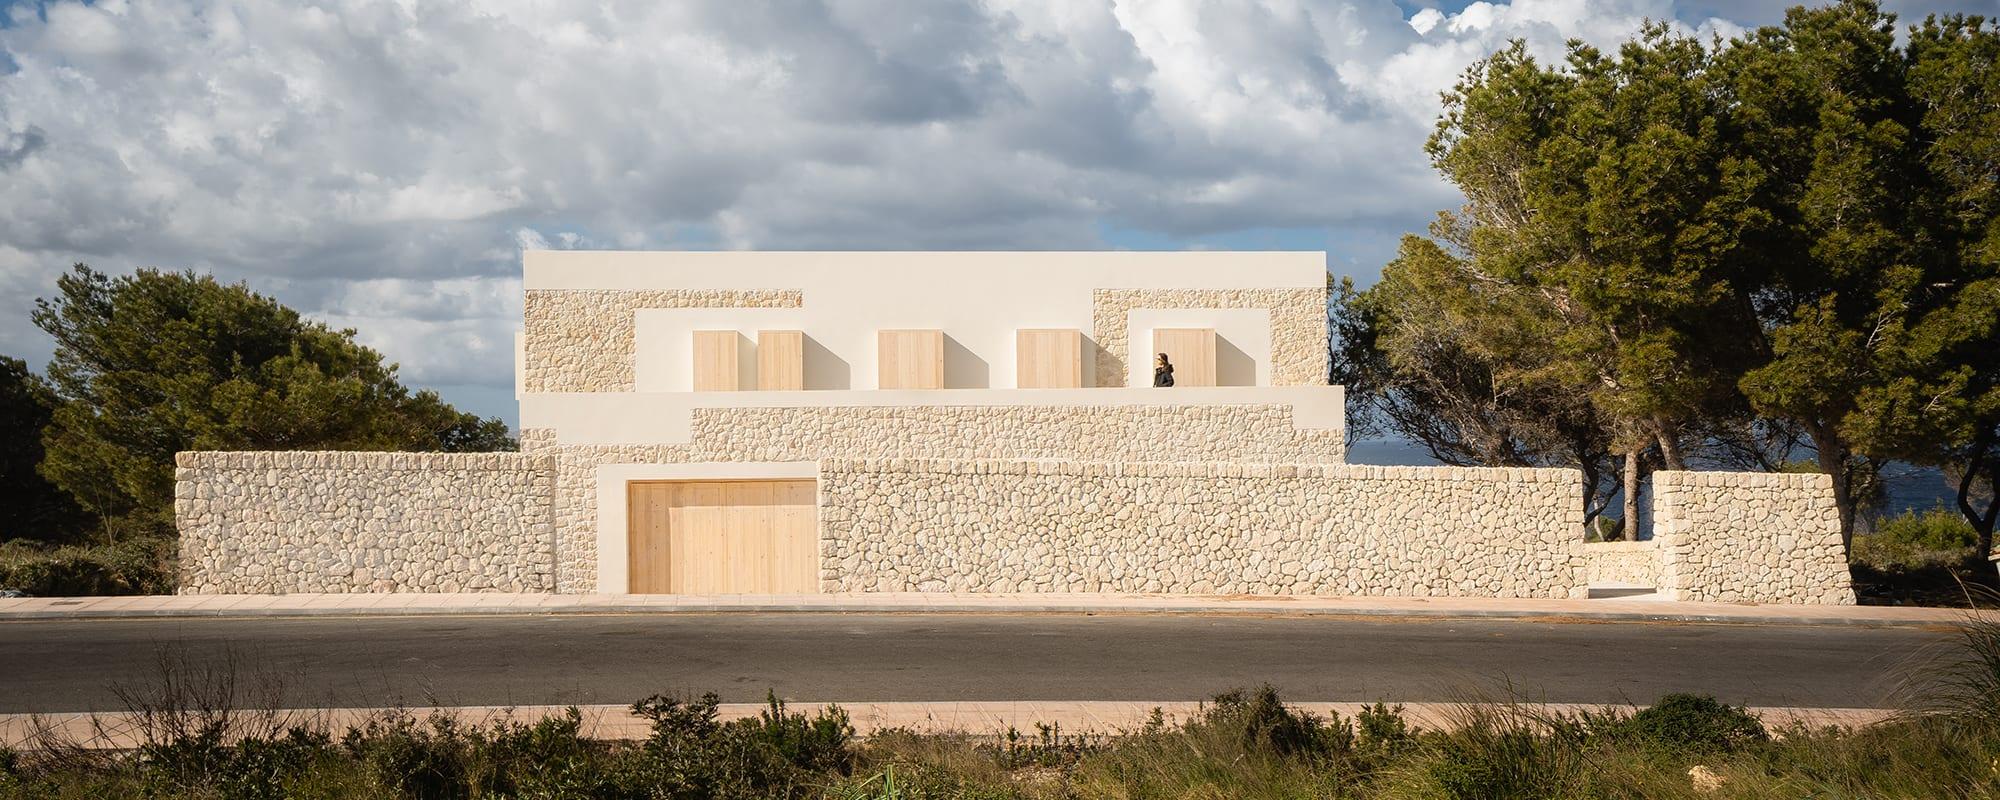 Menorca, Architecture, Stone, Nomo Studio